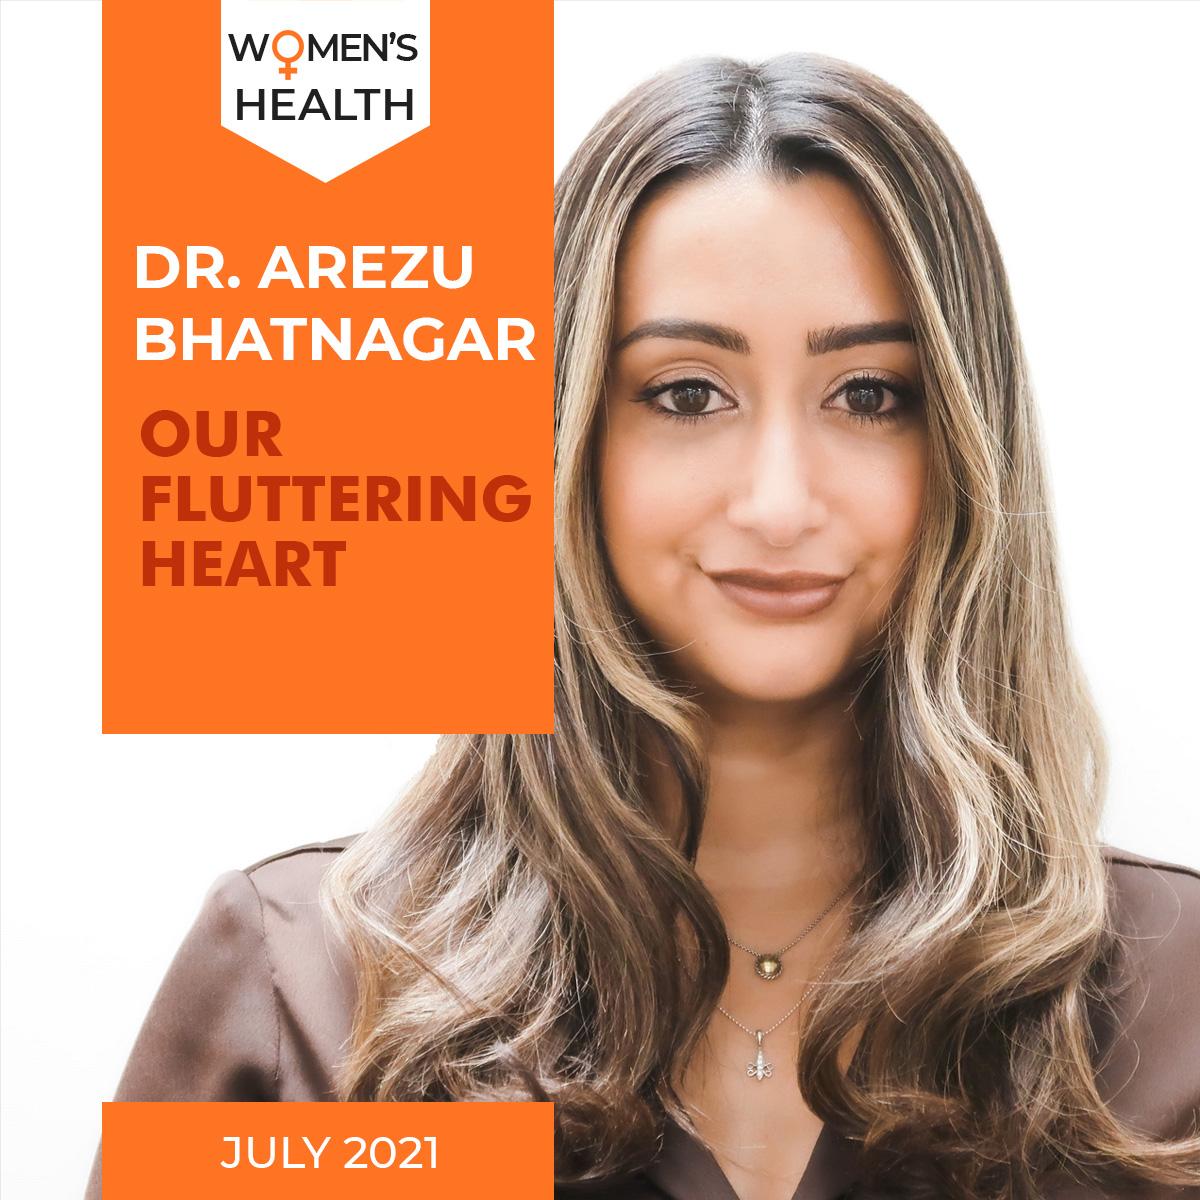 Women's Health – July 2021